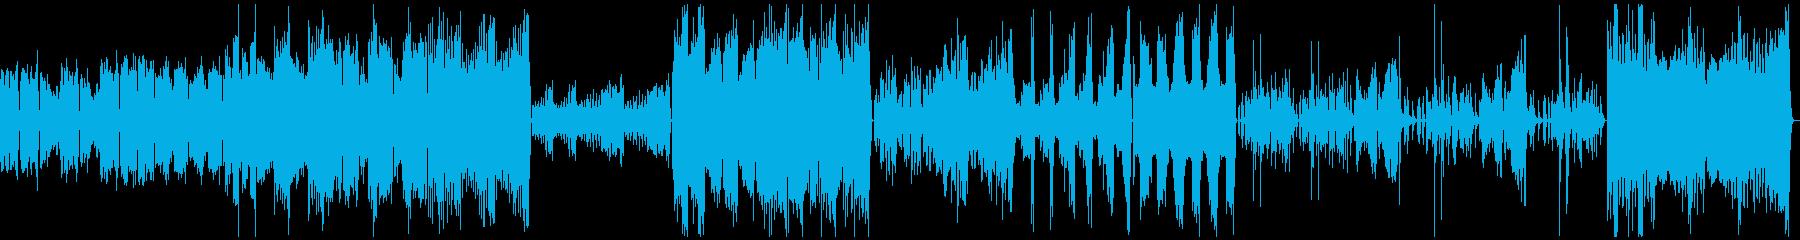 きらきら星変奏曲(フルバージョン)の再生済みの波形